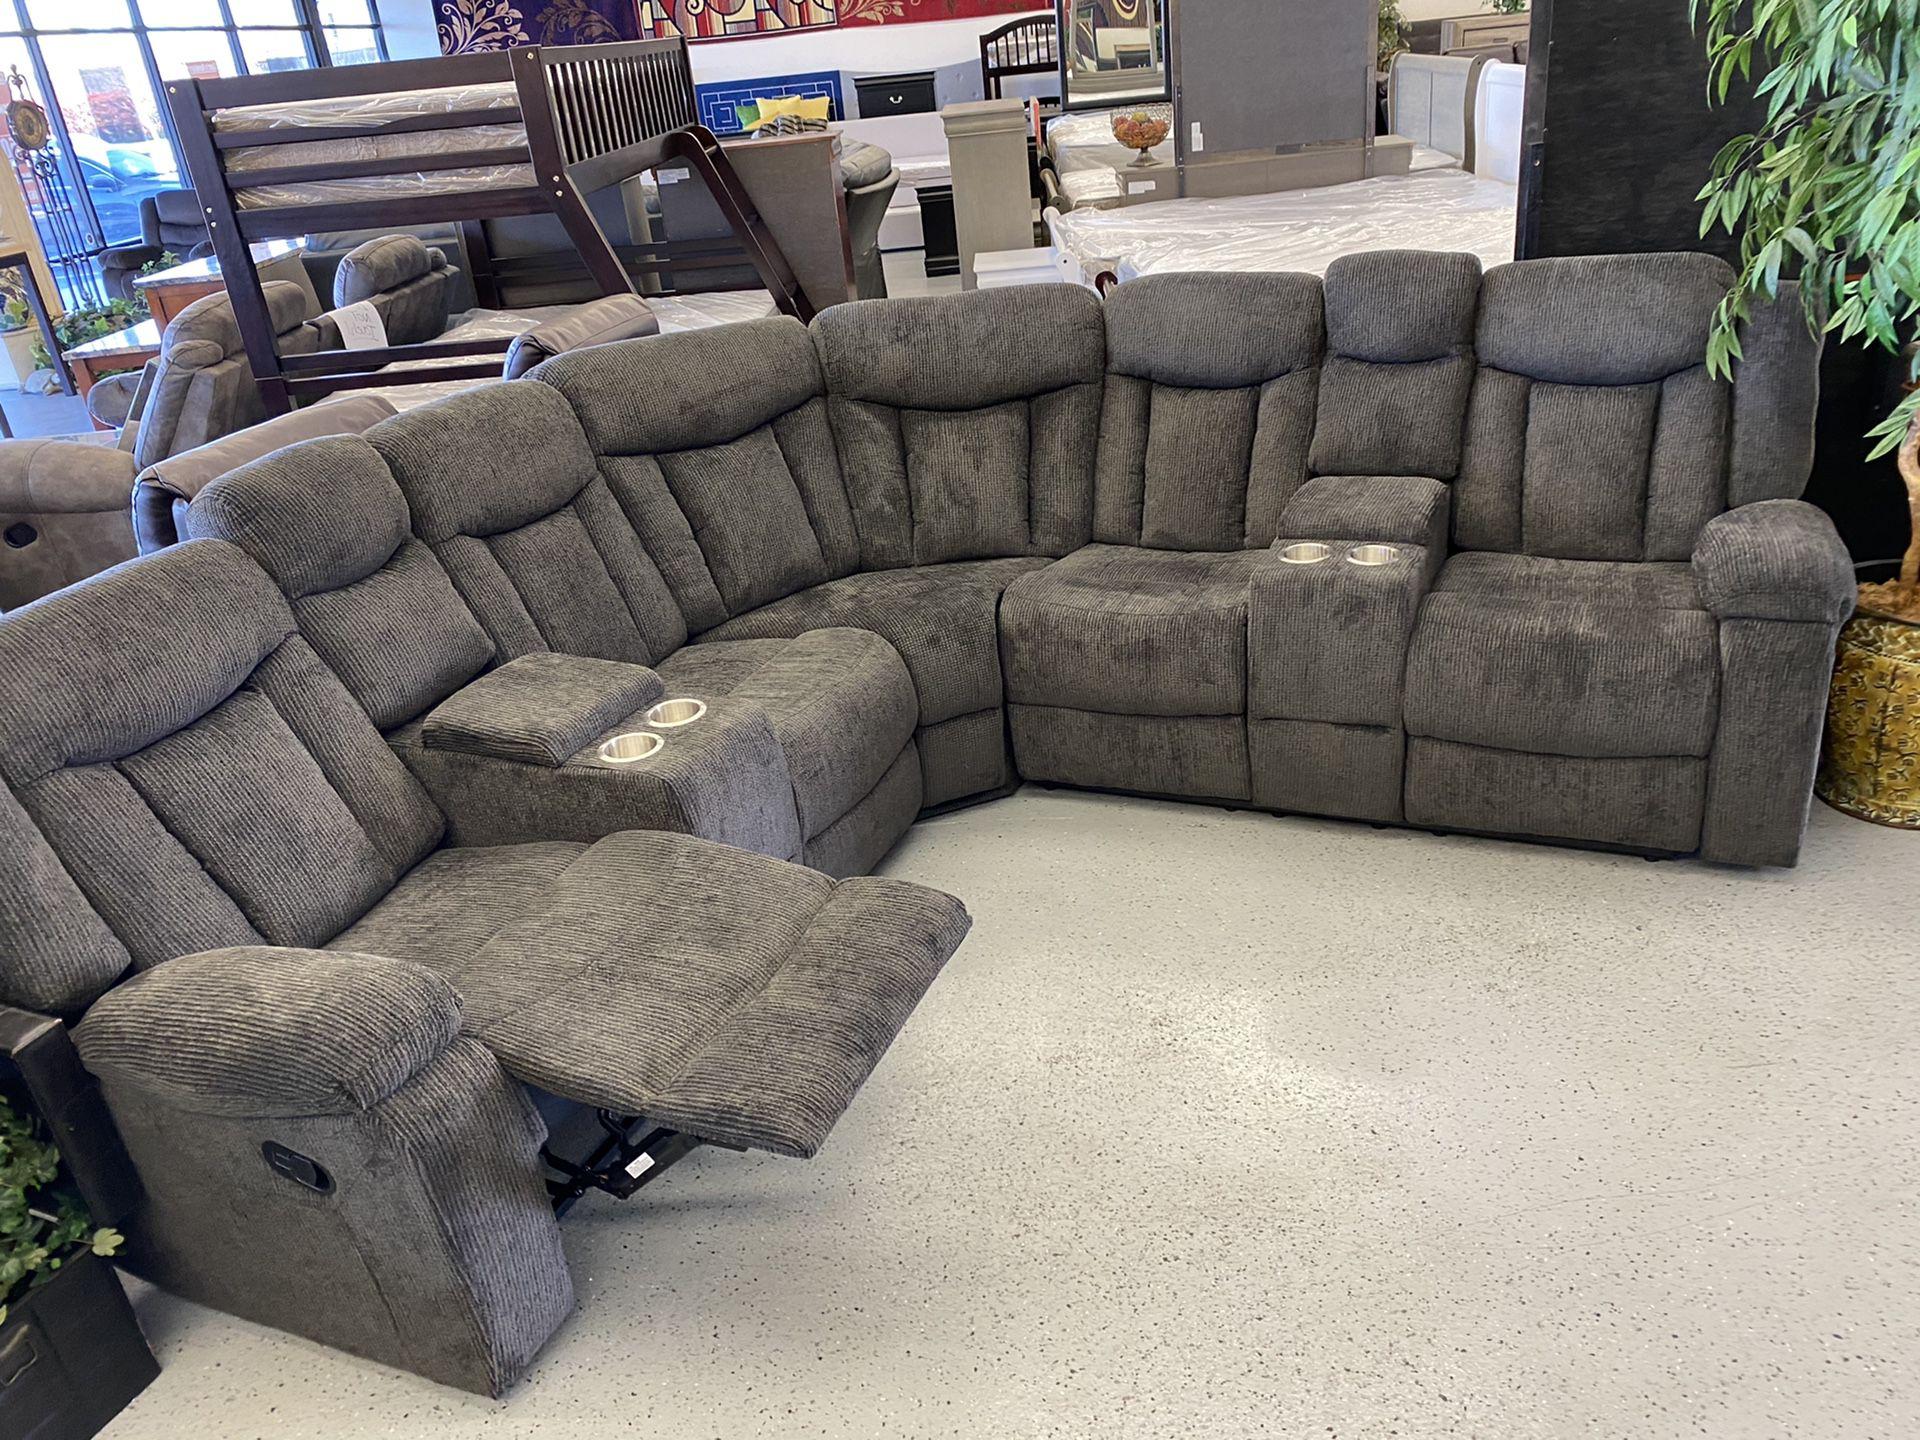 Furniture mattress- sectional